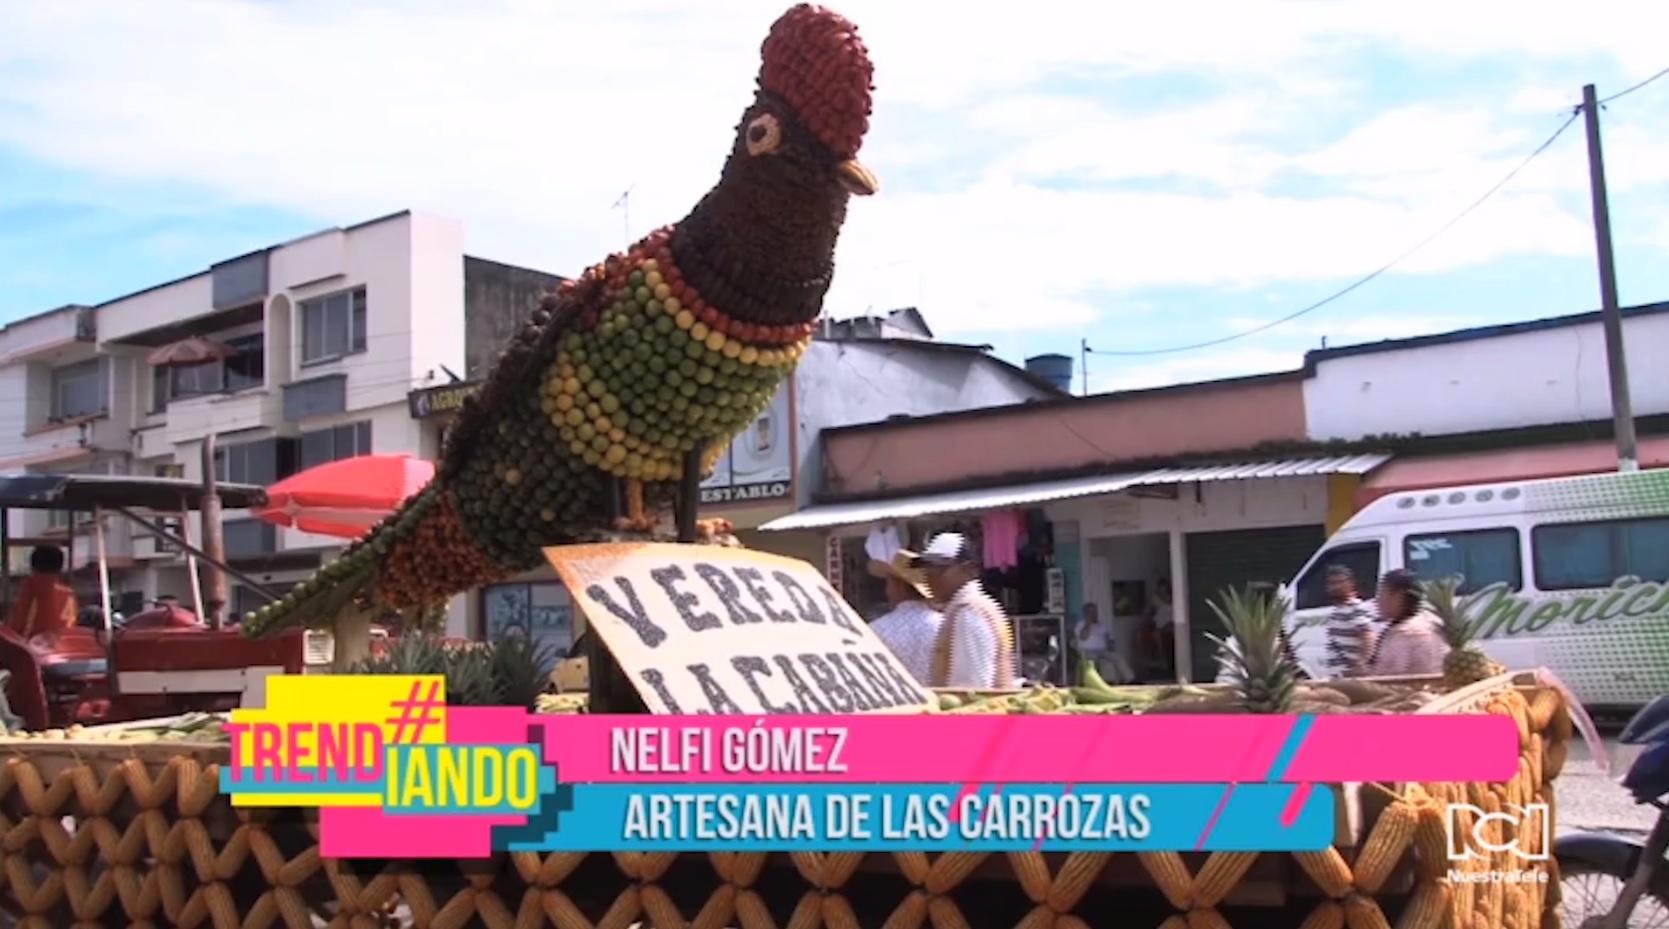 artesanos-de-carrozas-en-los-llanos-orientales-de-colombia.jpg